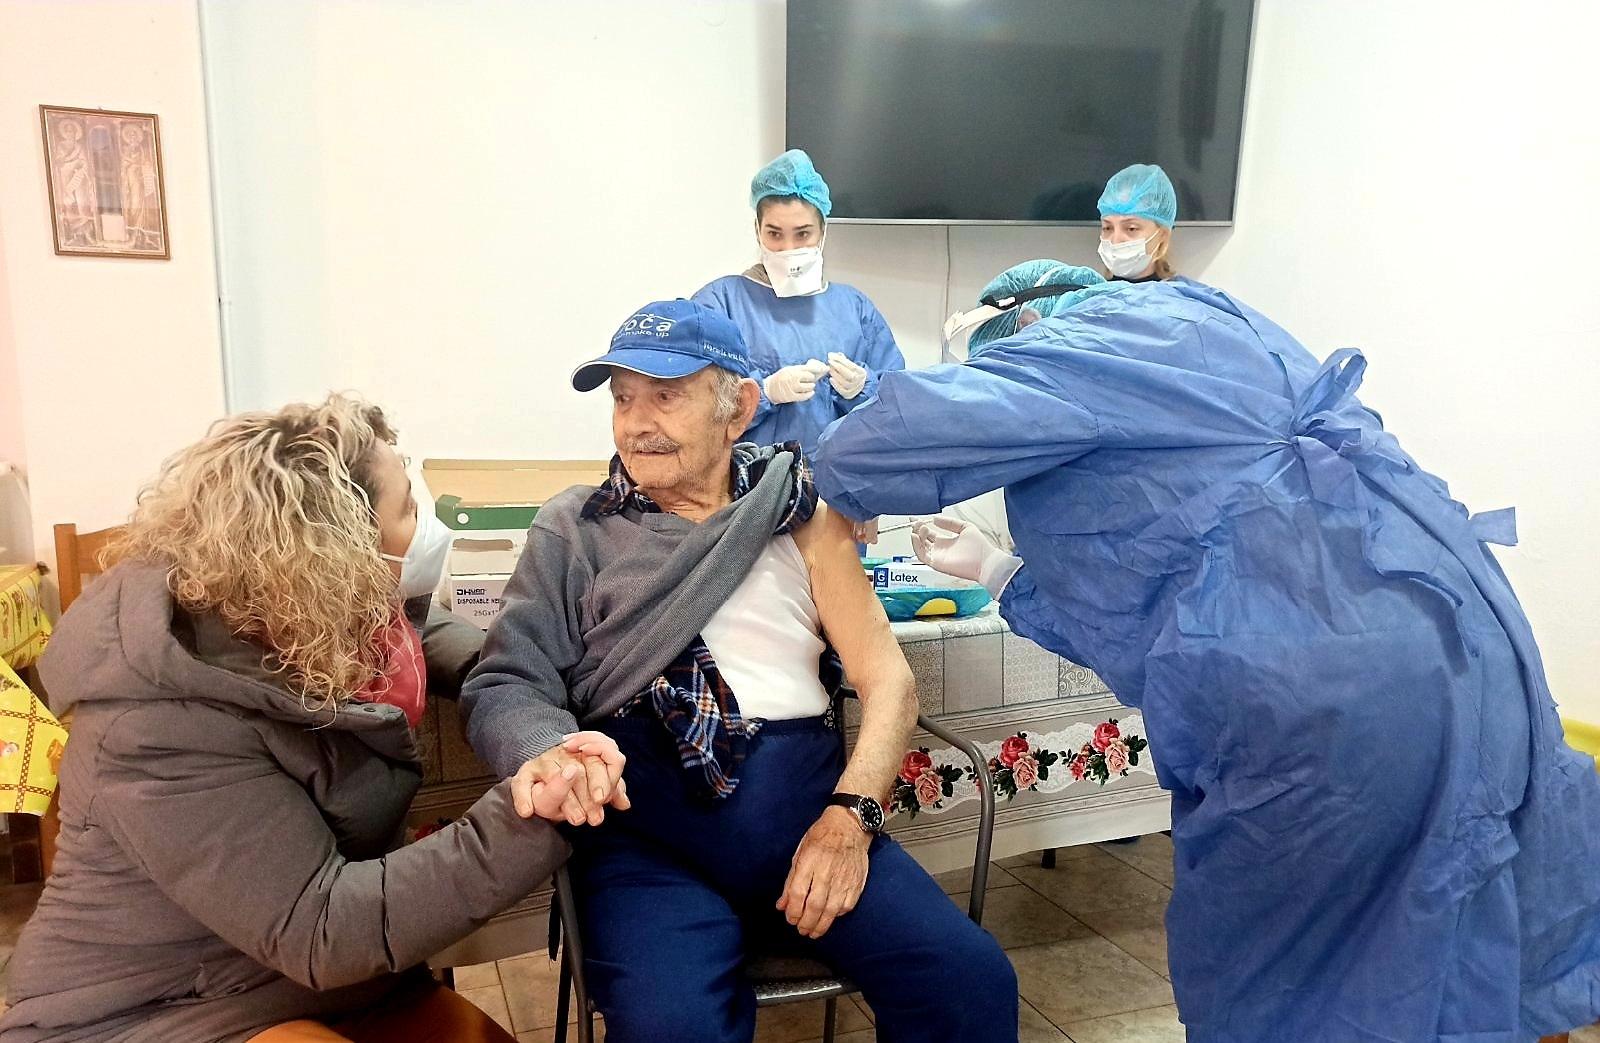 Δείτε πόσα άτομα εμβολιάστηκαν στην Λάρισα μέχρι τώρα